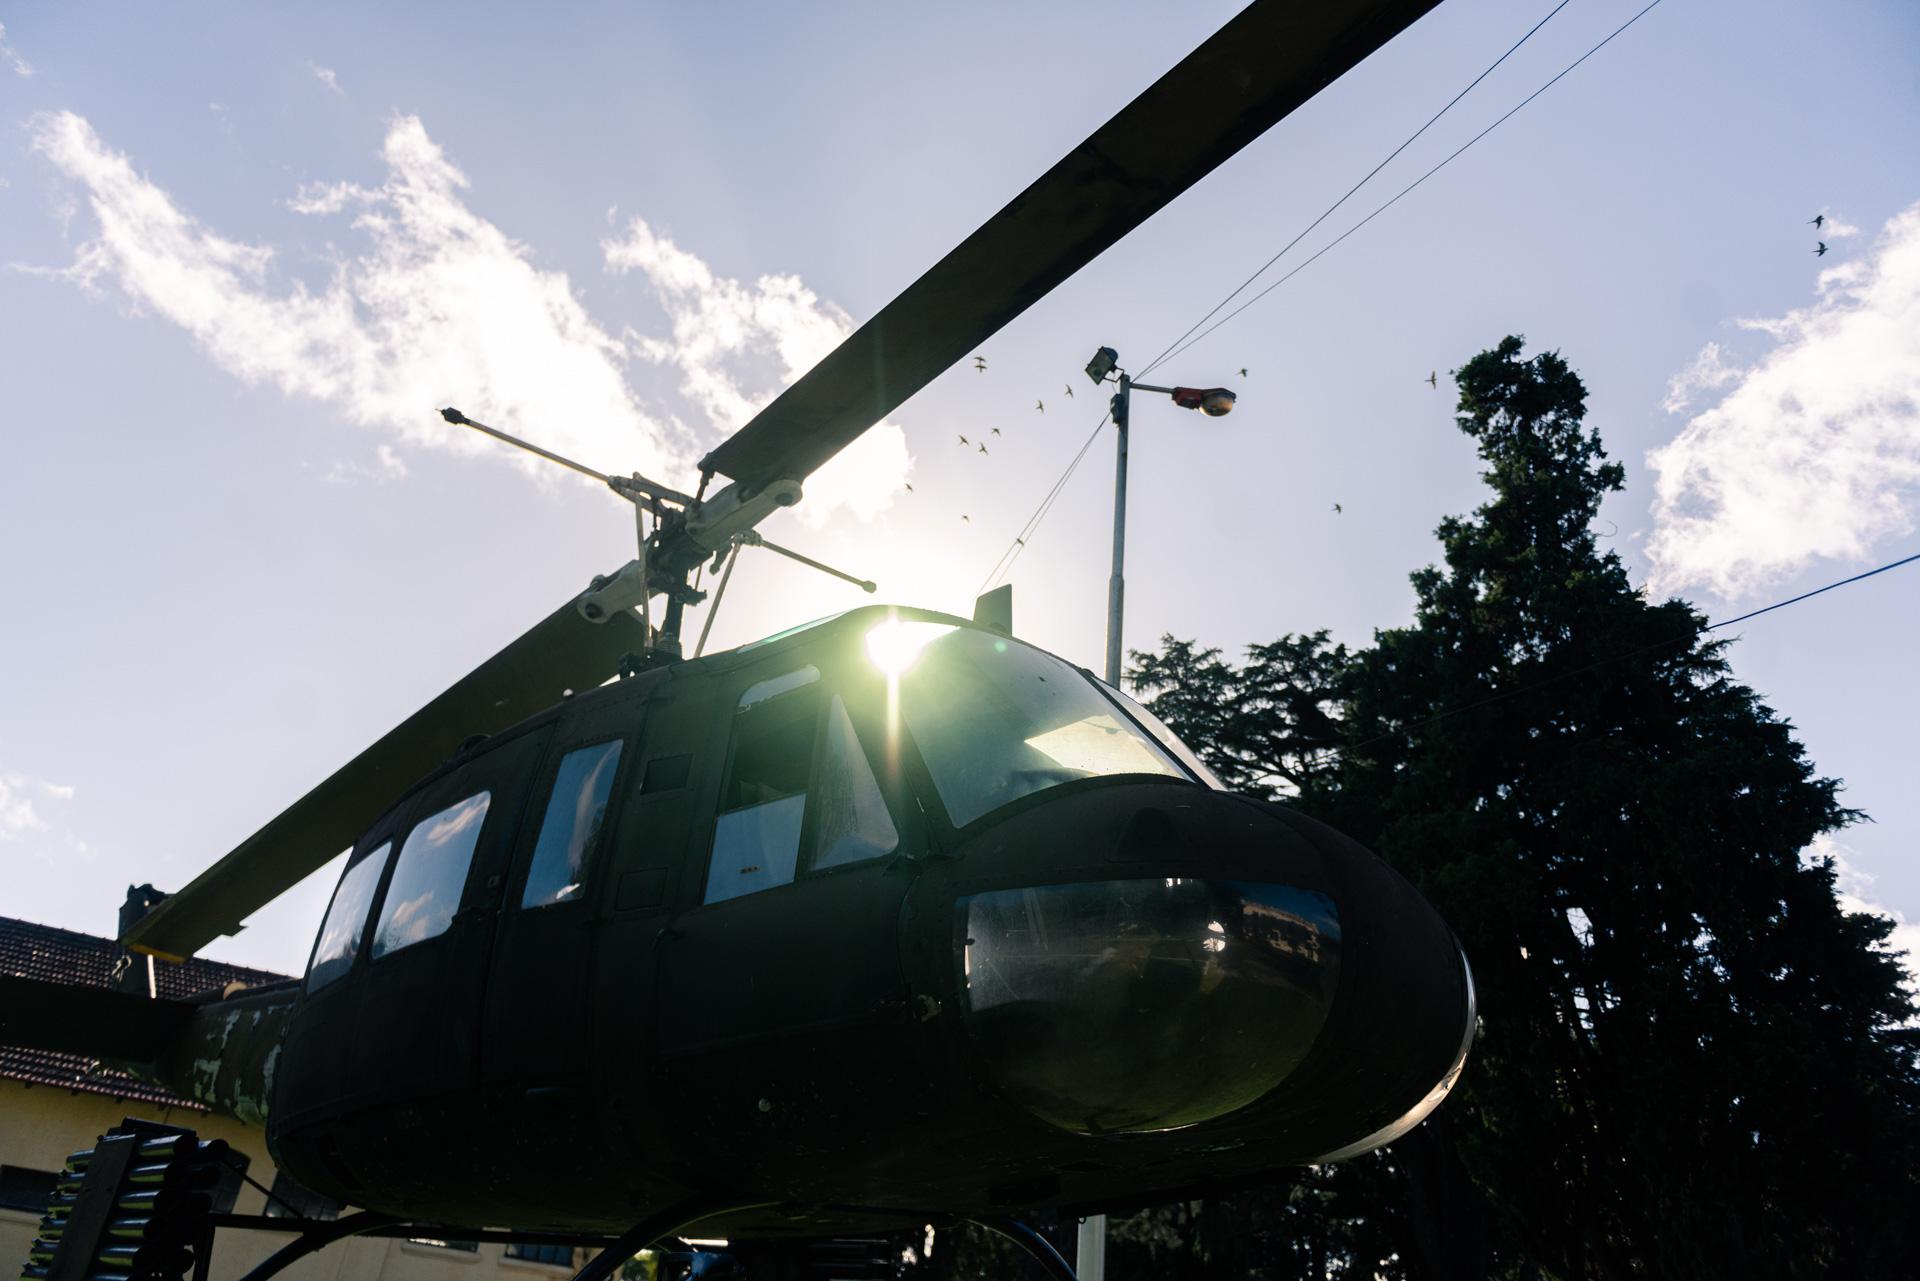 En los jardines que rodean la Sala Malvinas se pueden encontrar aviones y helicópteros como este Bell UH-1H artillado